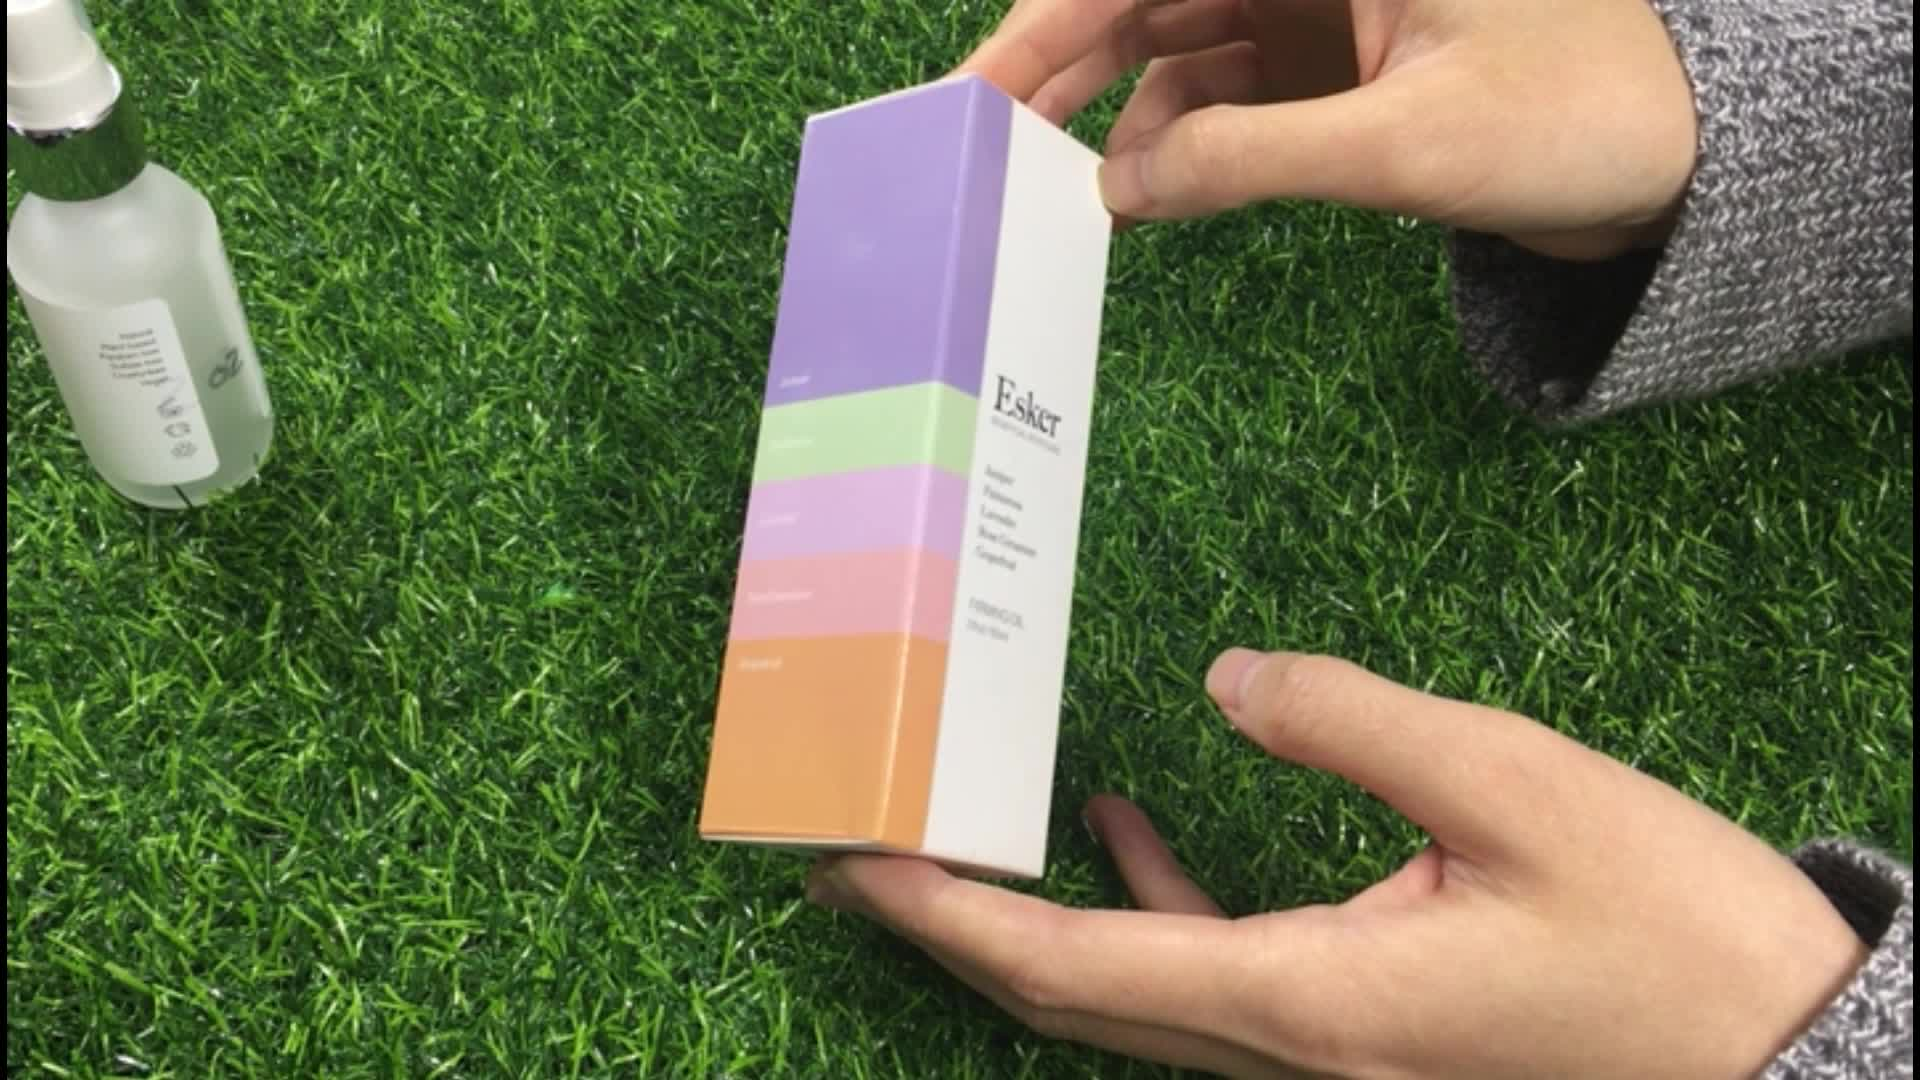 Özel dikdörtgen kozmetik kağıt kutu ambalaj, besleyici cilt bakım ürünü için dongguan kaplamalı kağıt ambalaj kutusu